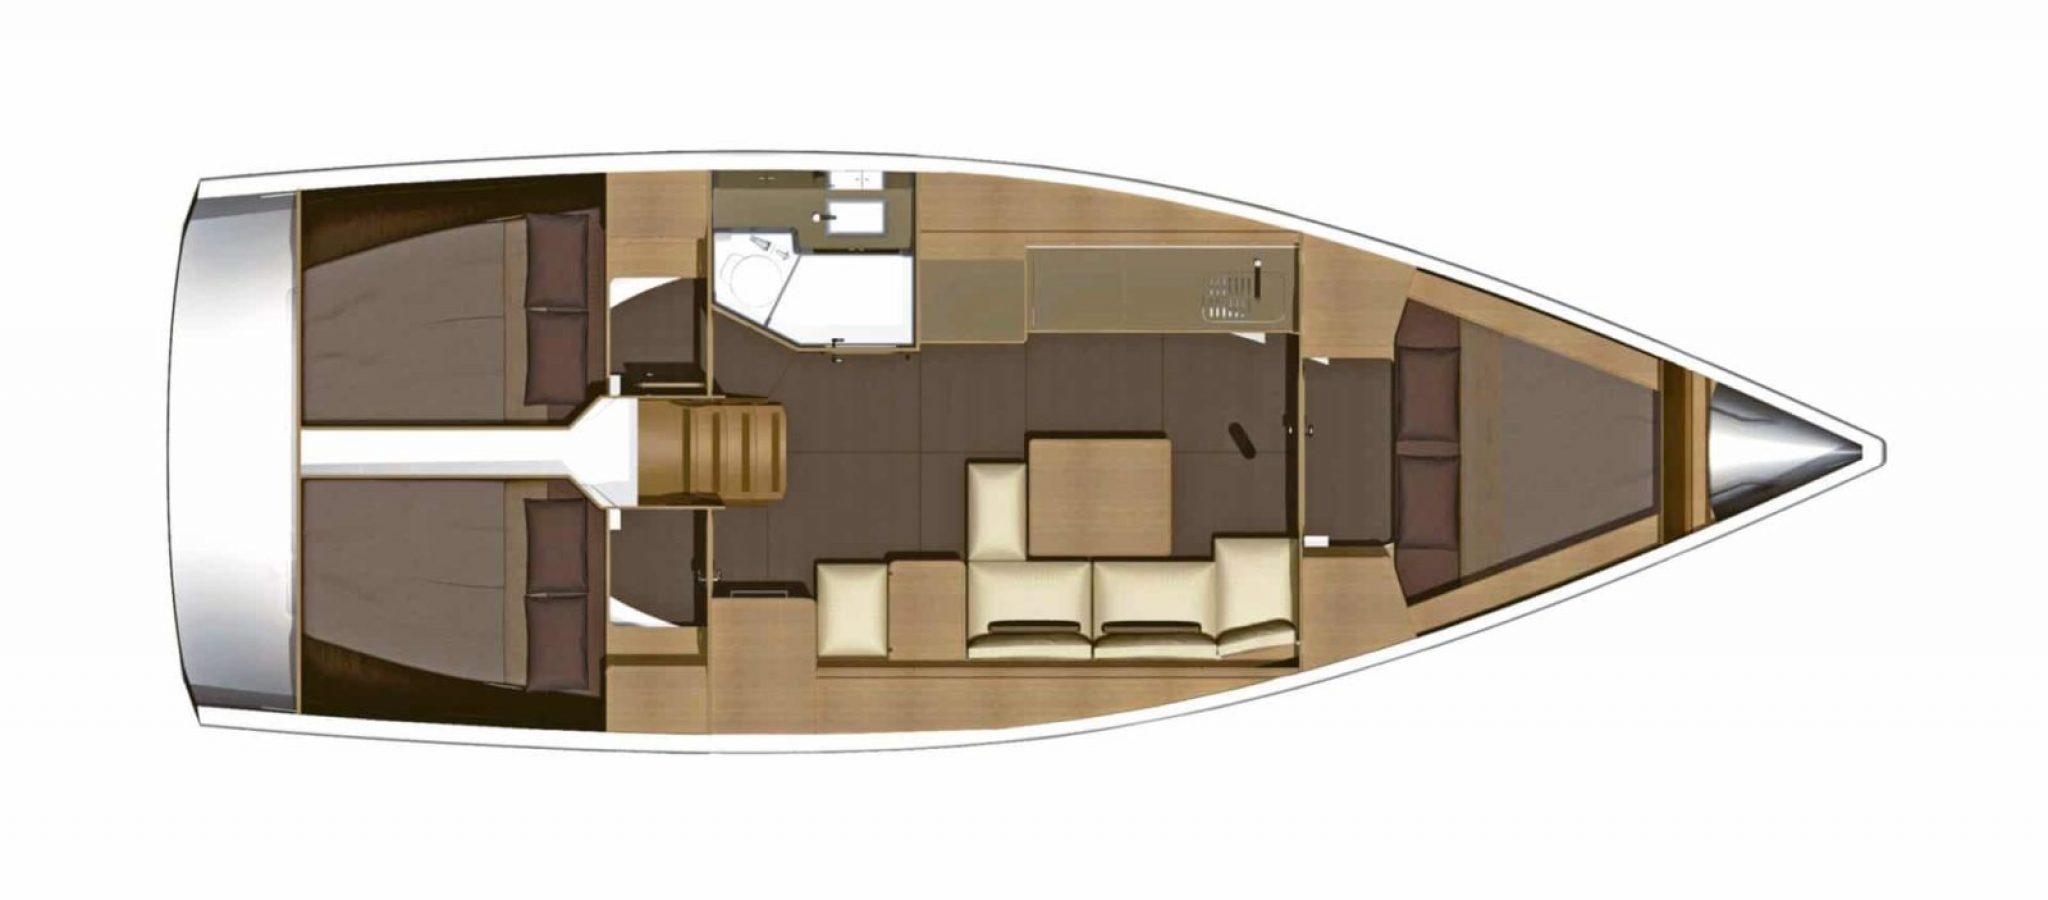 Location bateau Dufour 382GL Plan 3 cabines